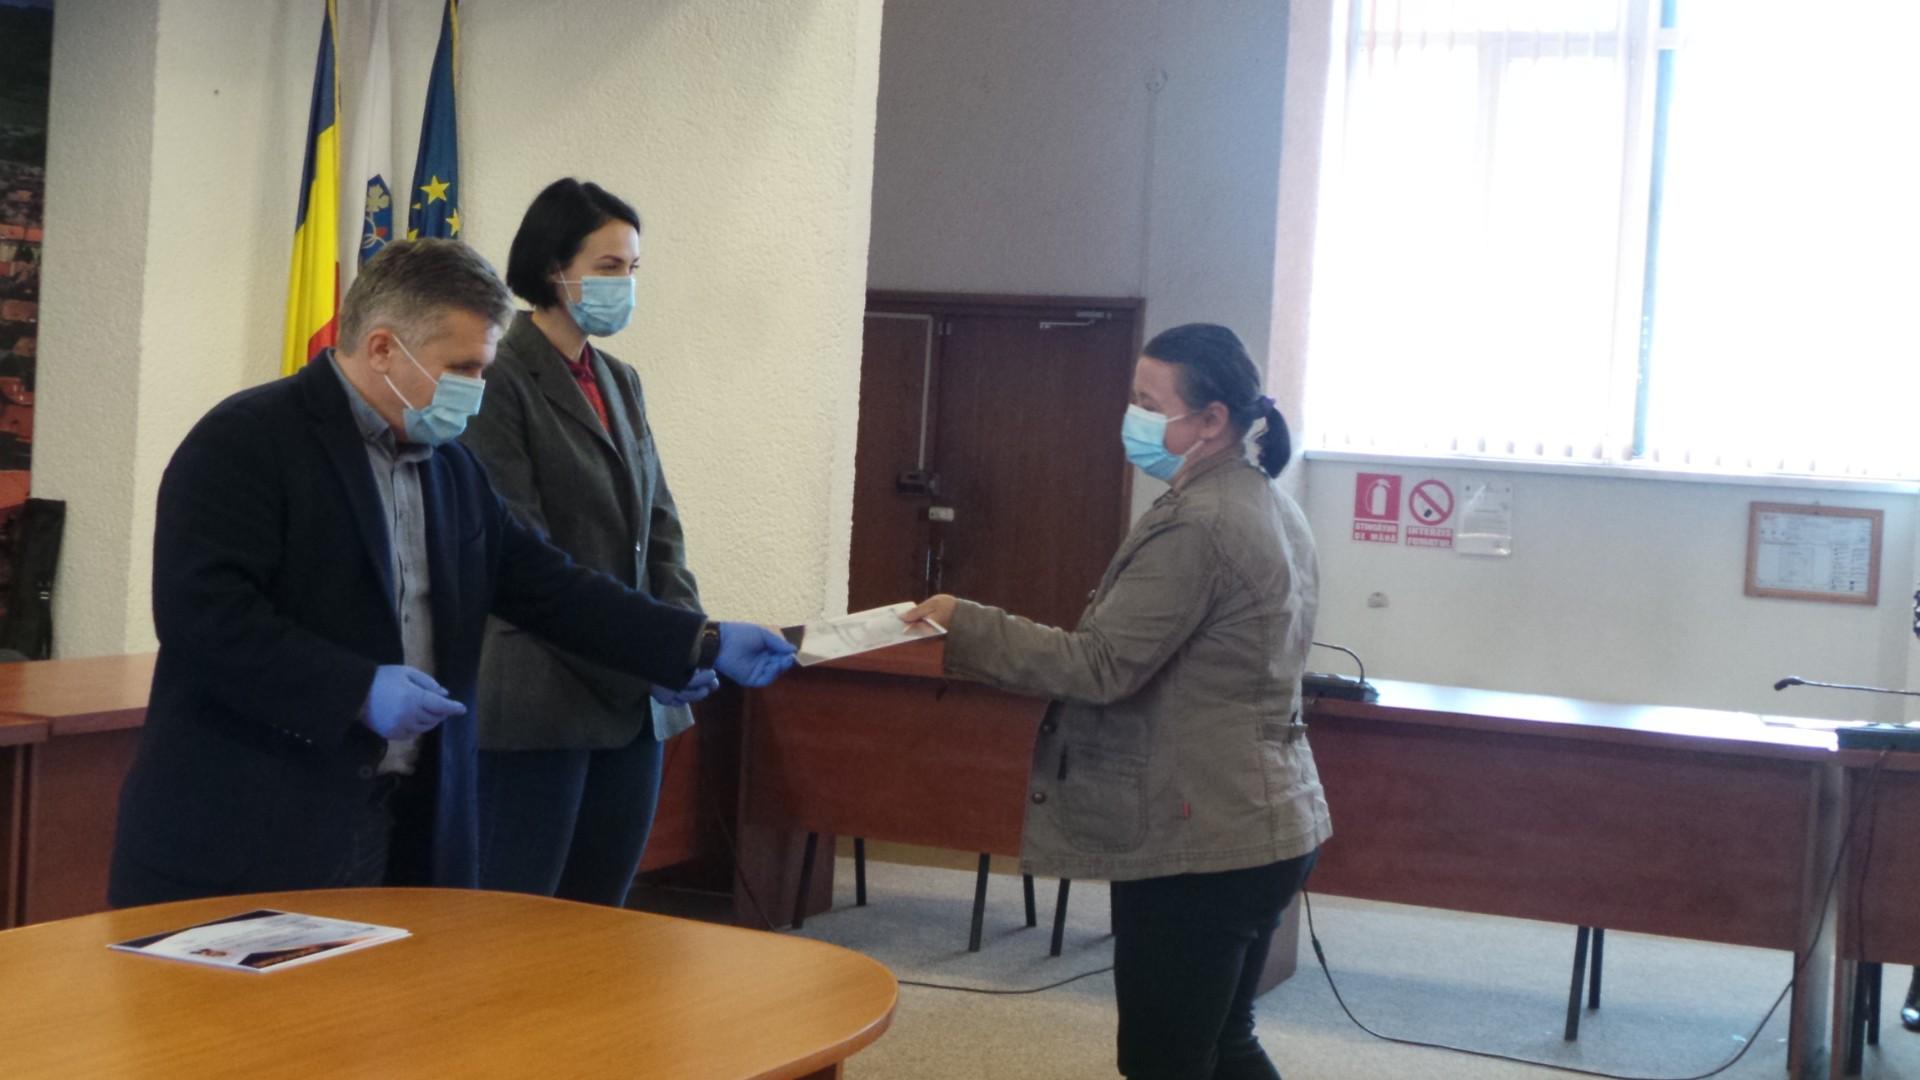 Primăria Mediaș i-a premiat pe cei 20 de tineri care au obținut rezultate deosebite la examenul de Bacalaureat